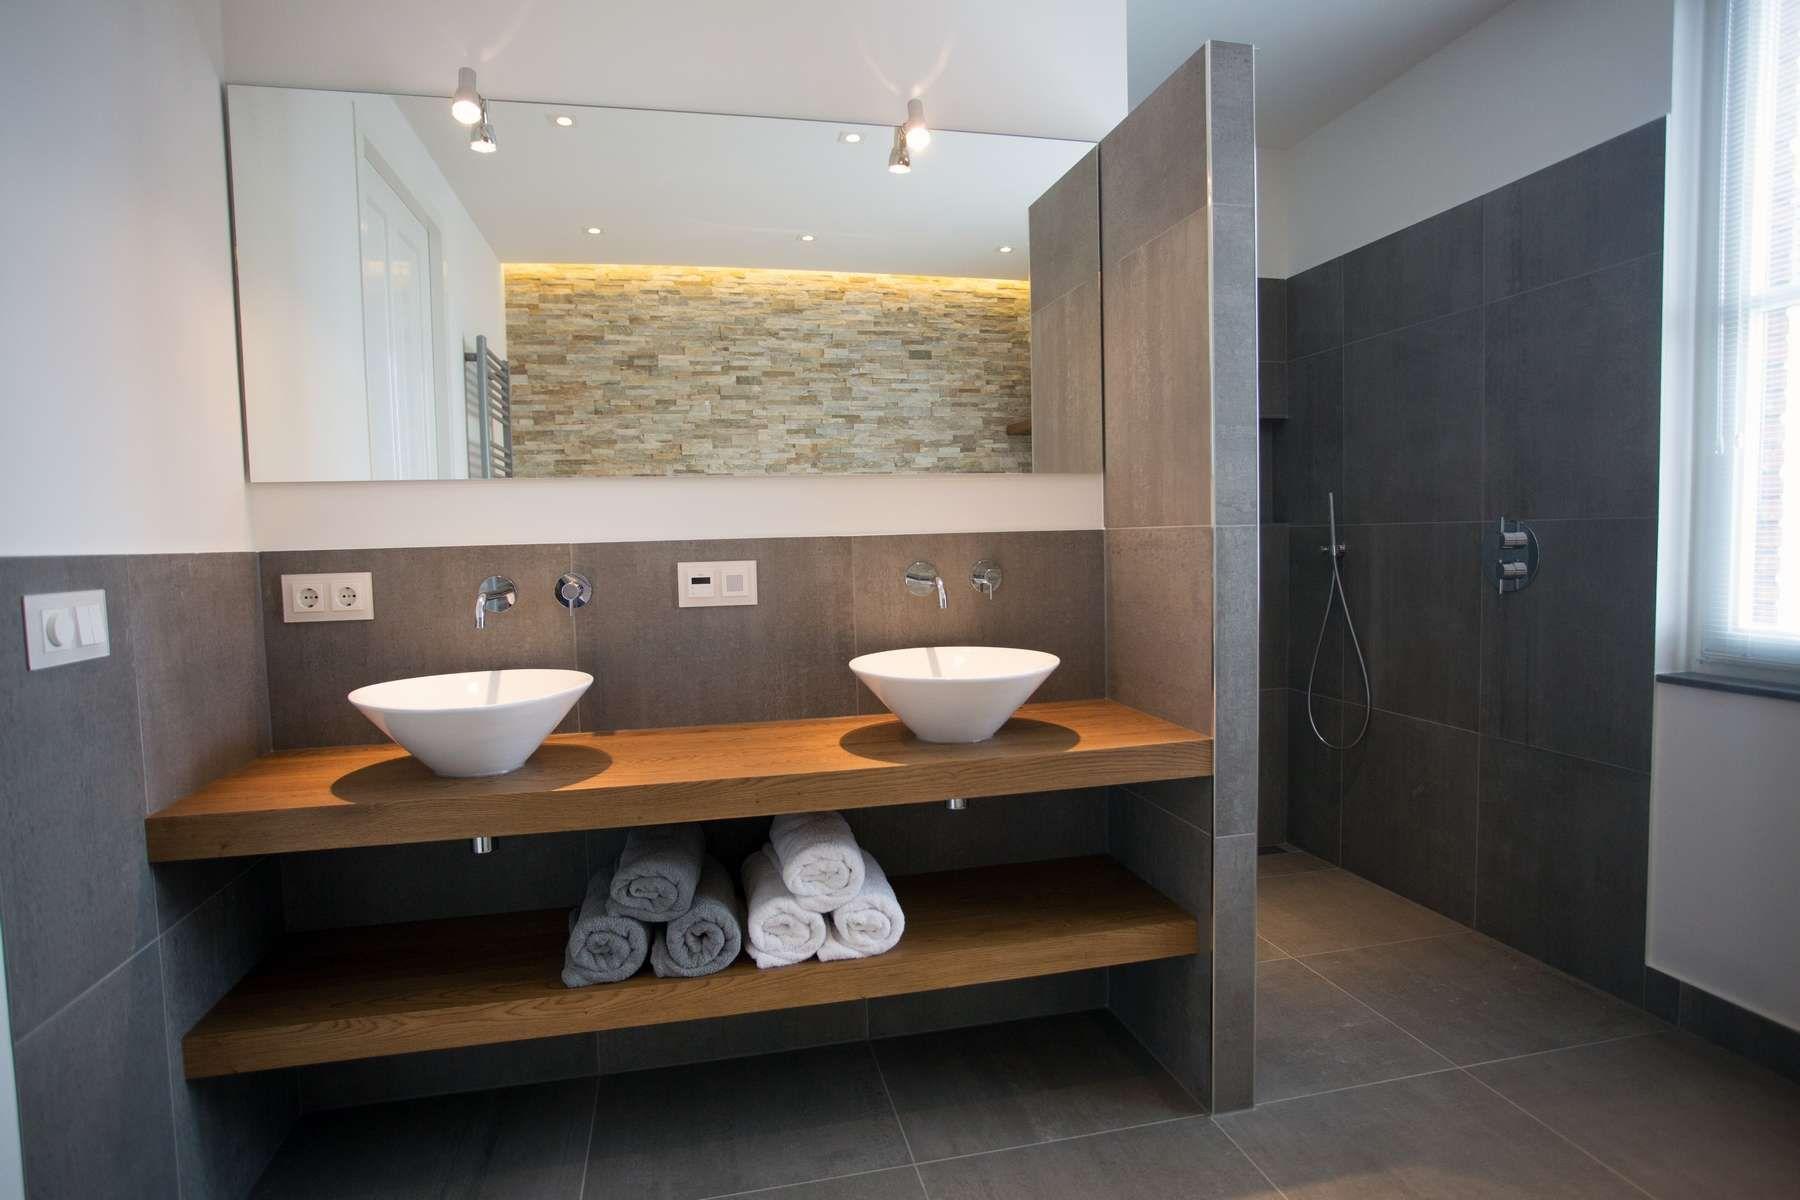 Badkamer Utrecht / badkamershowroom De Eerste Kamer | Pinterest ...